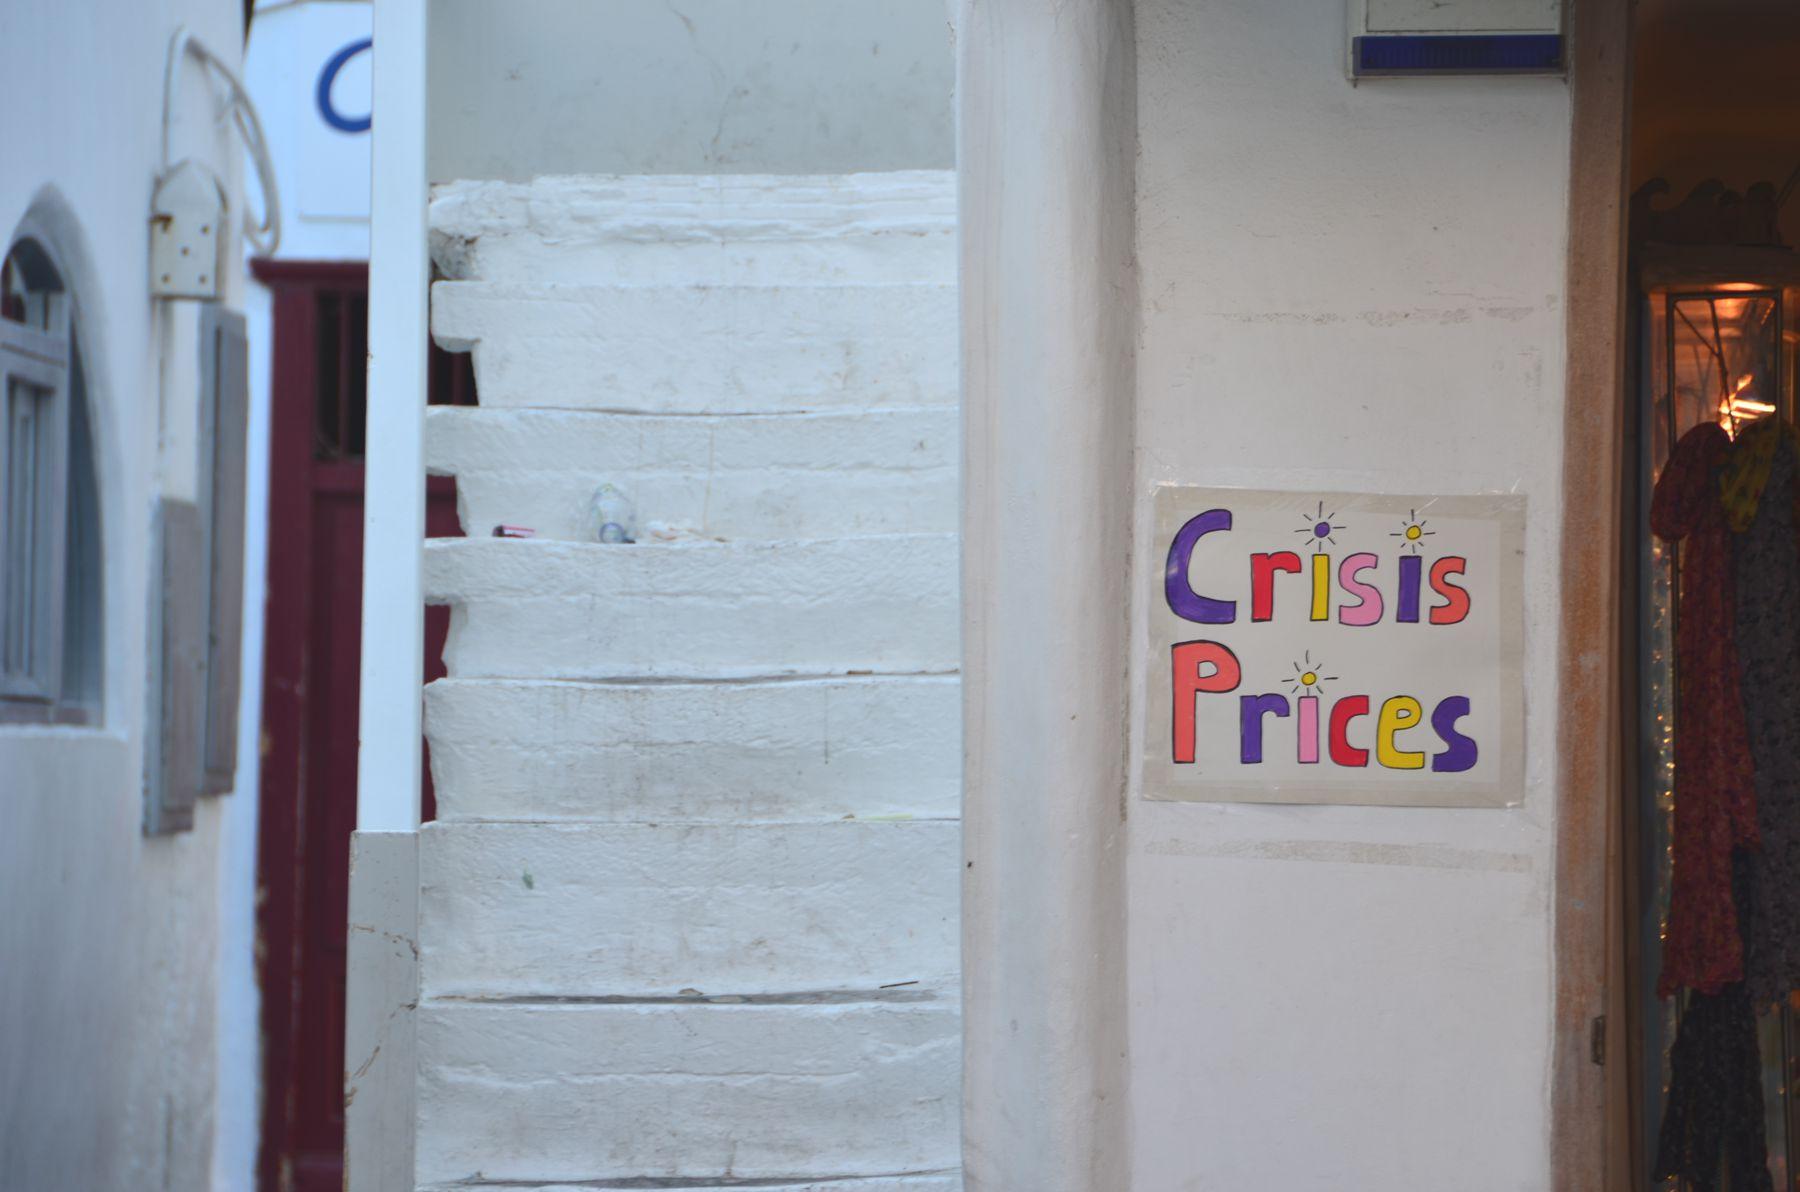 Greek financial crisis in Mykonos